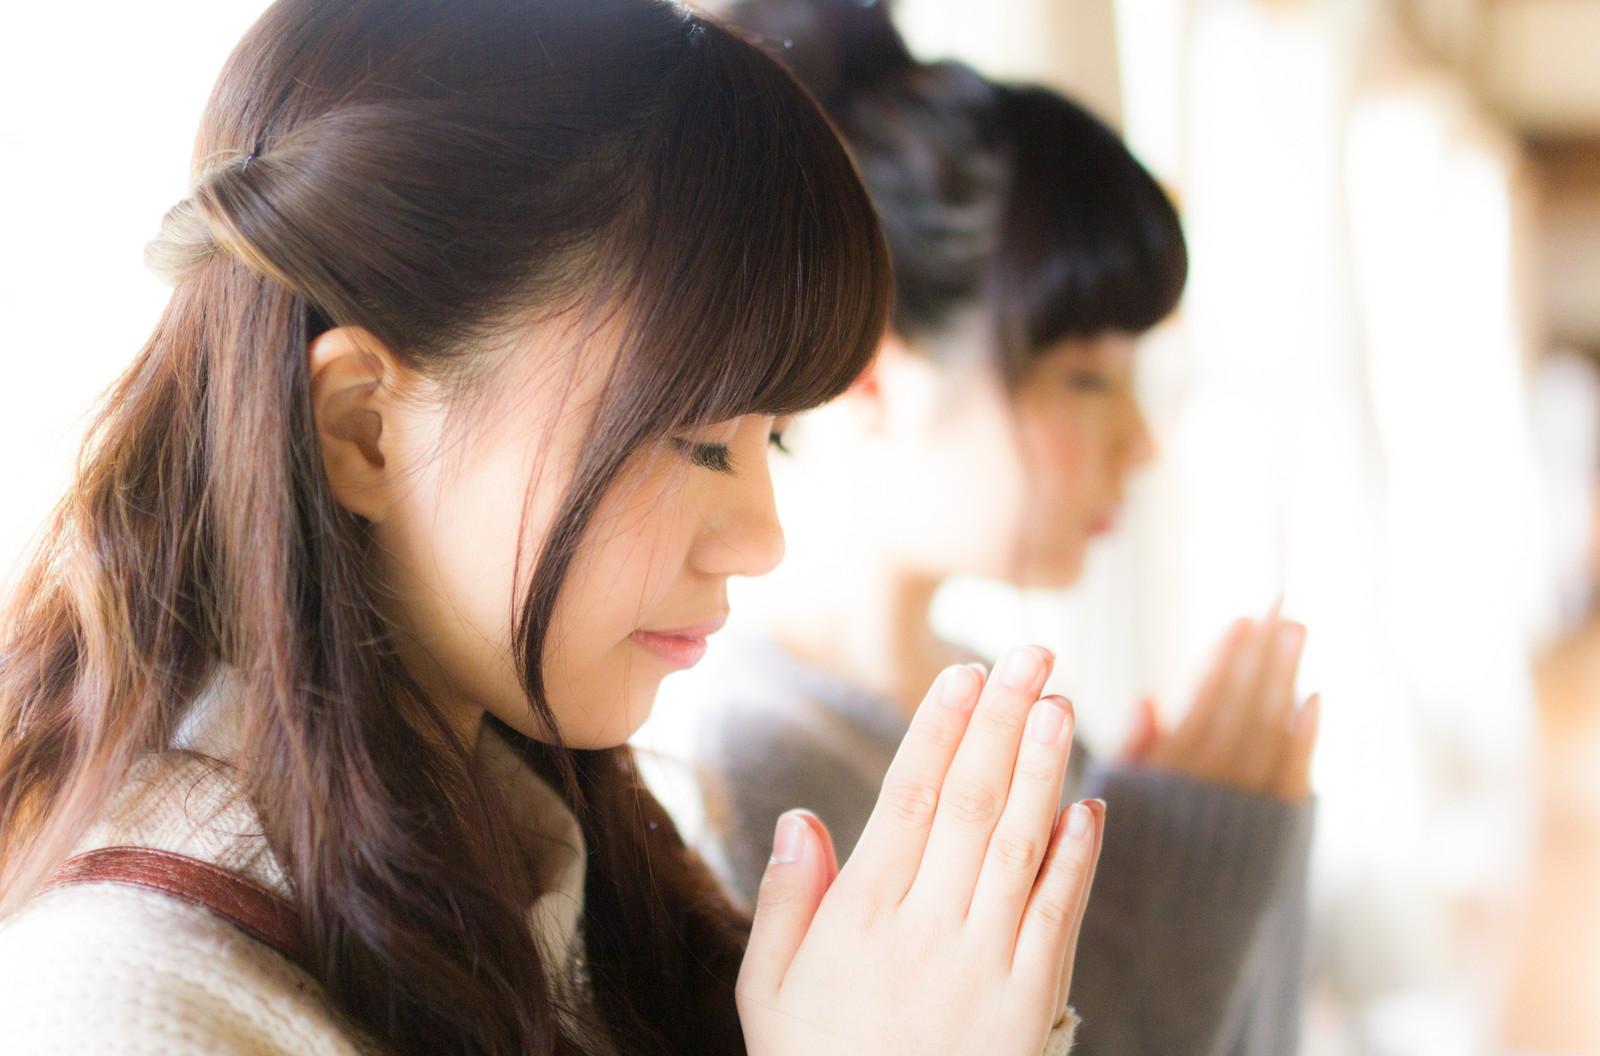 深川神社は初詣や厄払いで人気のスポット!ご利益やお守りもチェック!